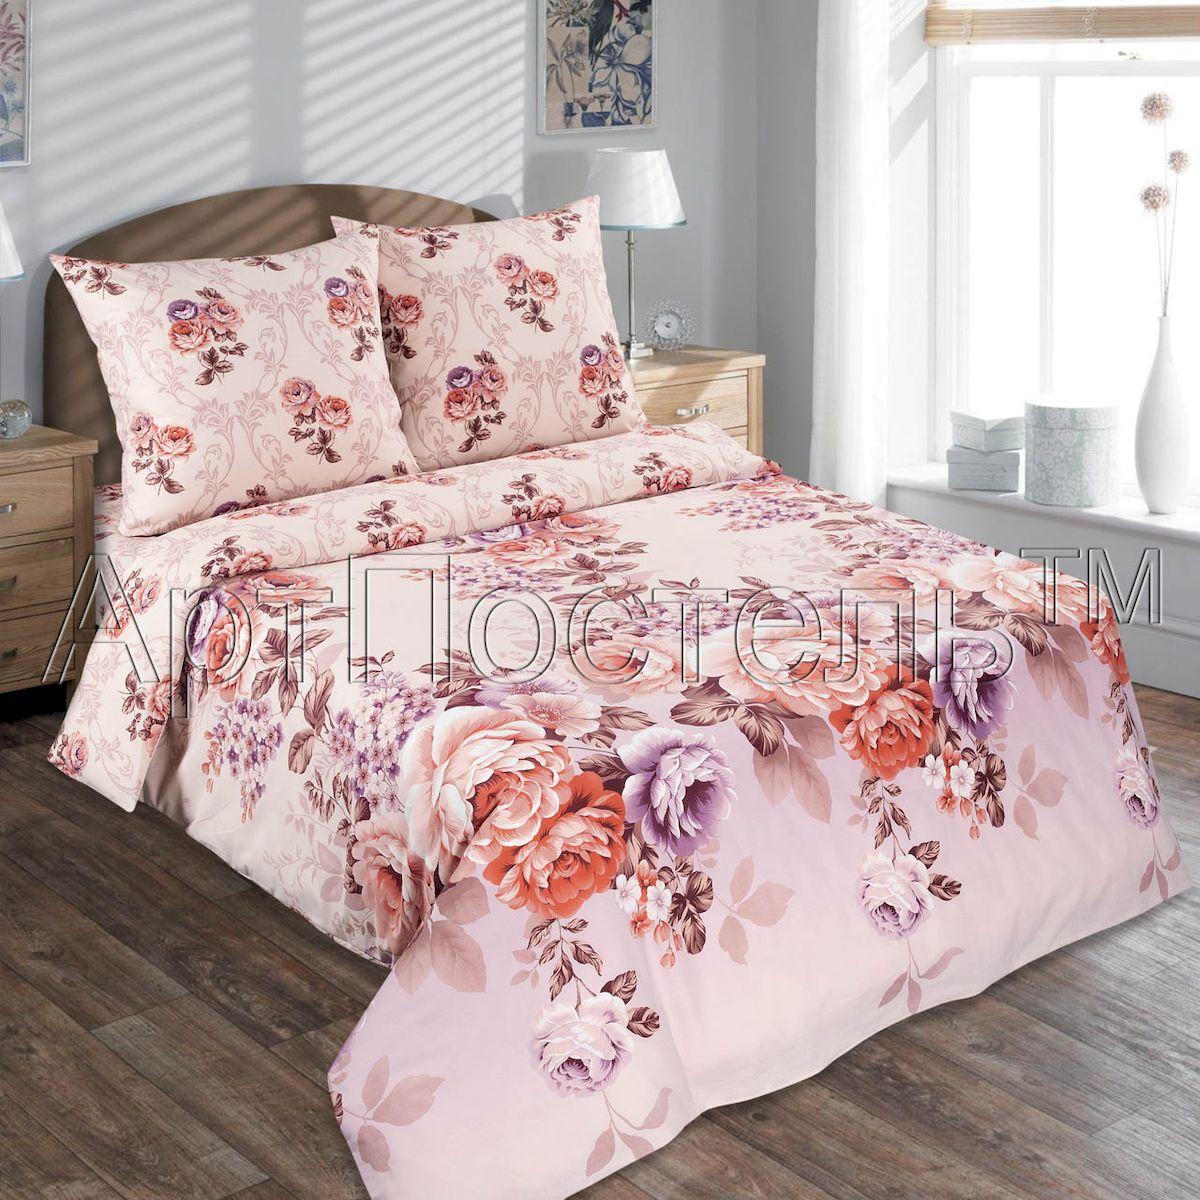 Комплект белья АртПостель Карамельная роза, 1,5 спальный, наволочки 70x70RC-100BWCКомплект постельного белья АртПостель Карамельная роза выполнен из поплина высочайшего качества. Комплект состоит из пододеяльника, простыни и двух наволочек. Постельное белье с ярким дизайном, имеет изысканный внешний вид.Благодаря такому комплекту постельного белья вы сможете создать атмосферу роскоши и романтики в вашей спальне.